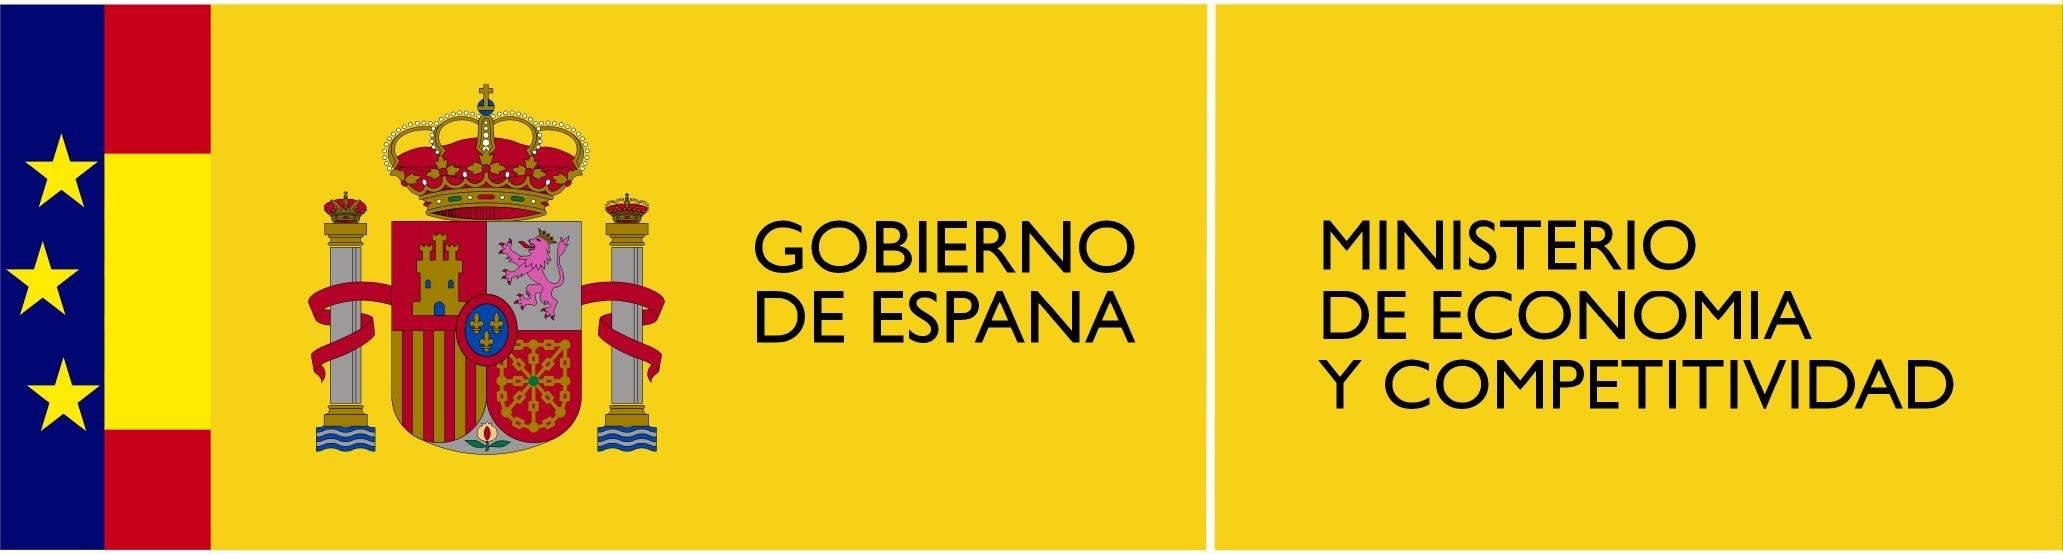 Logo gobierno de españa ministerio de economia y competitividad